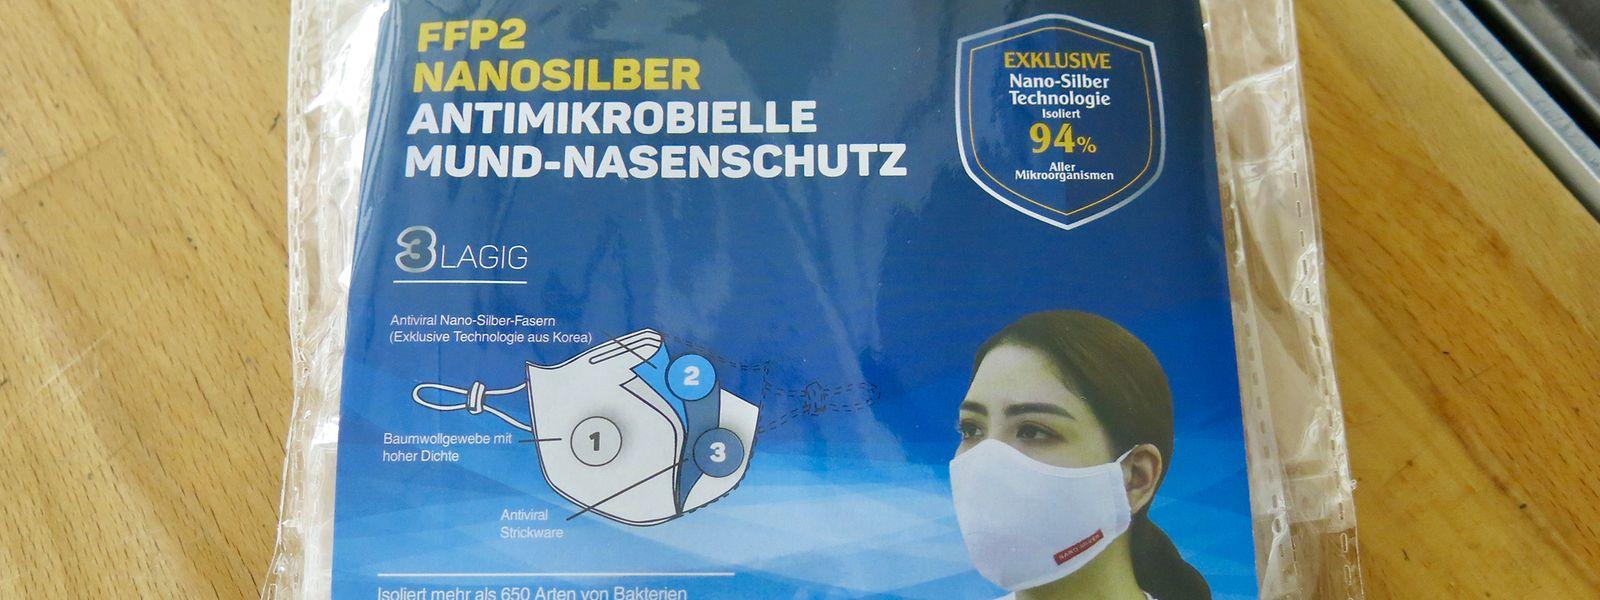 Les masques «FFP2 Nanosilber antimikrobielle Mund-Nasenschutz» sont retirés du marché et rappelés auprès du consommateur